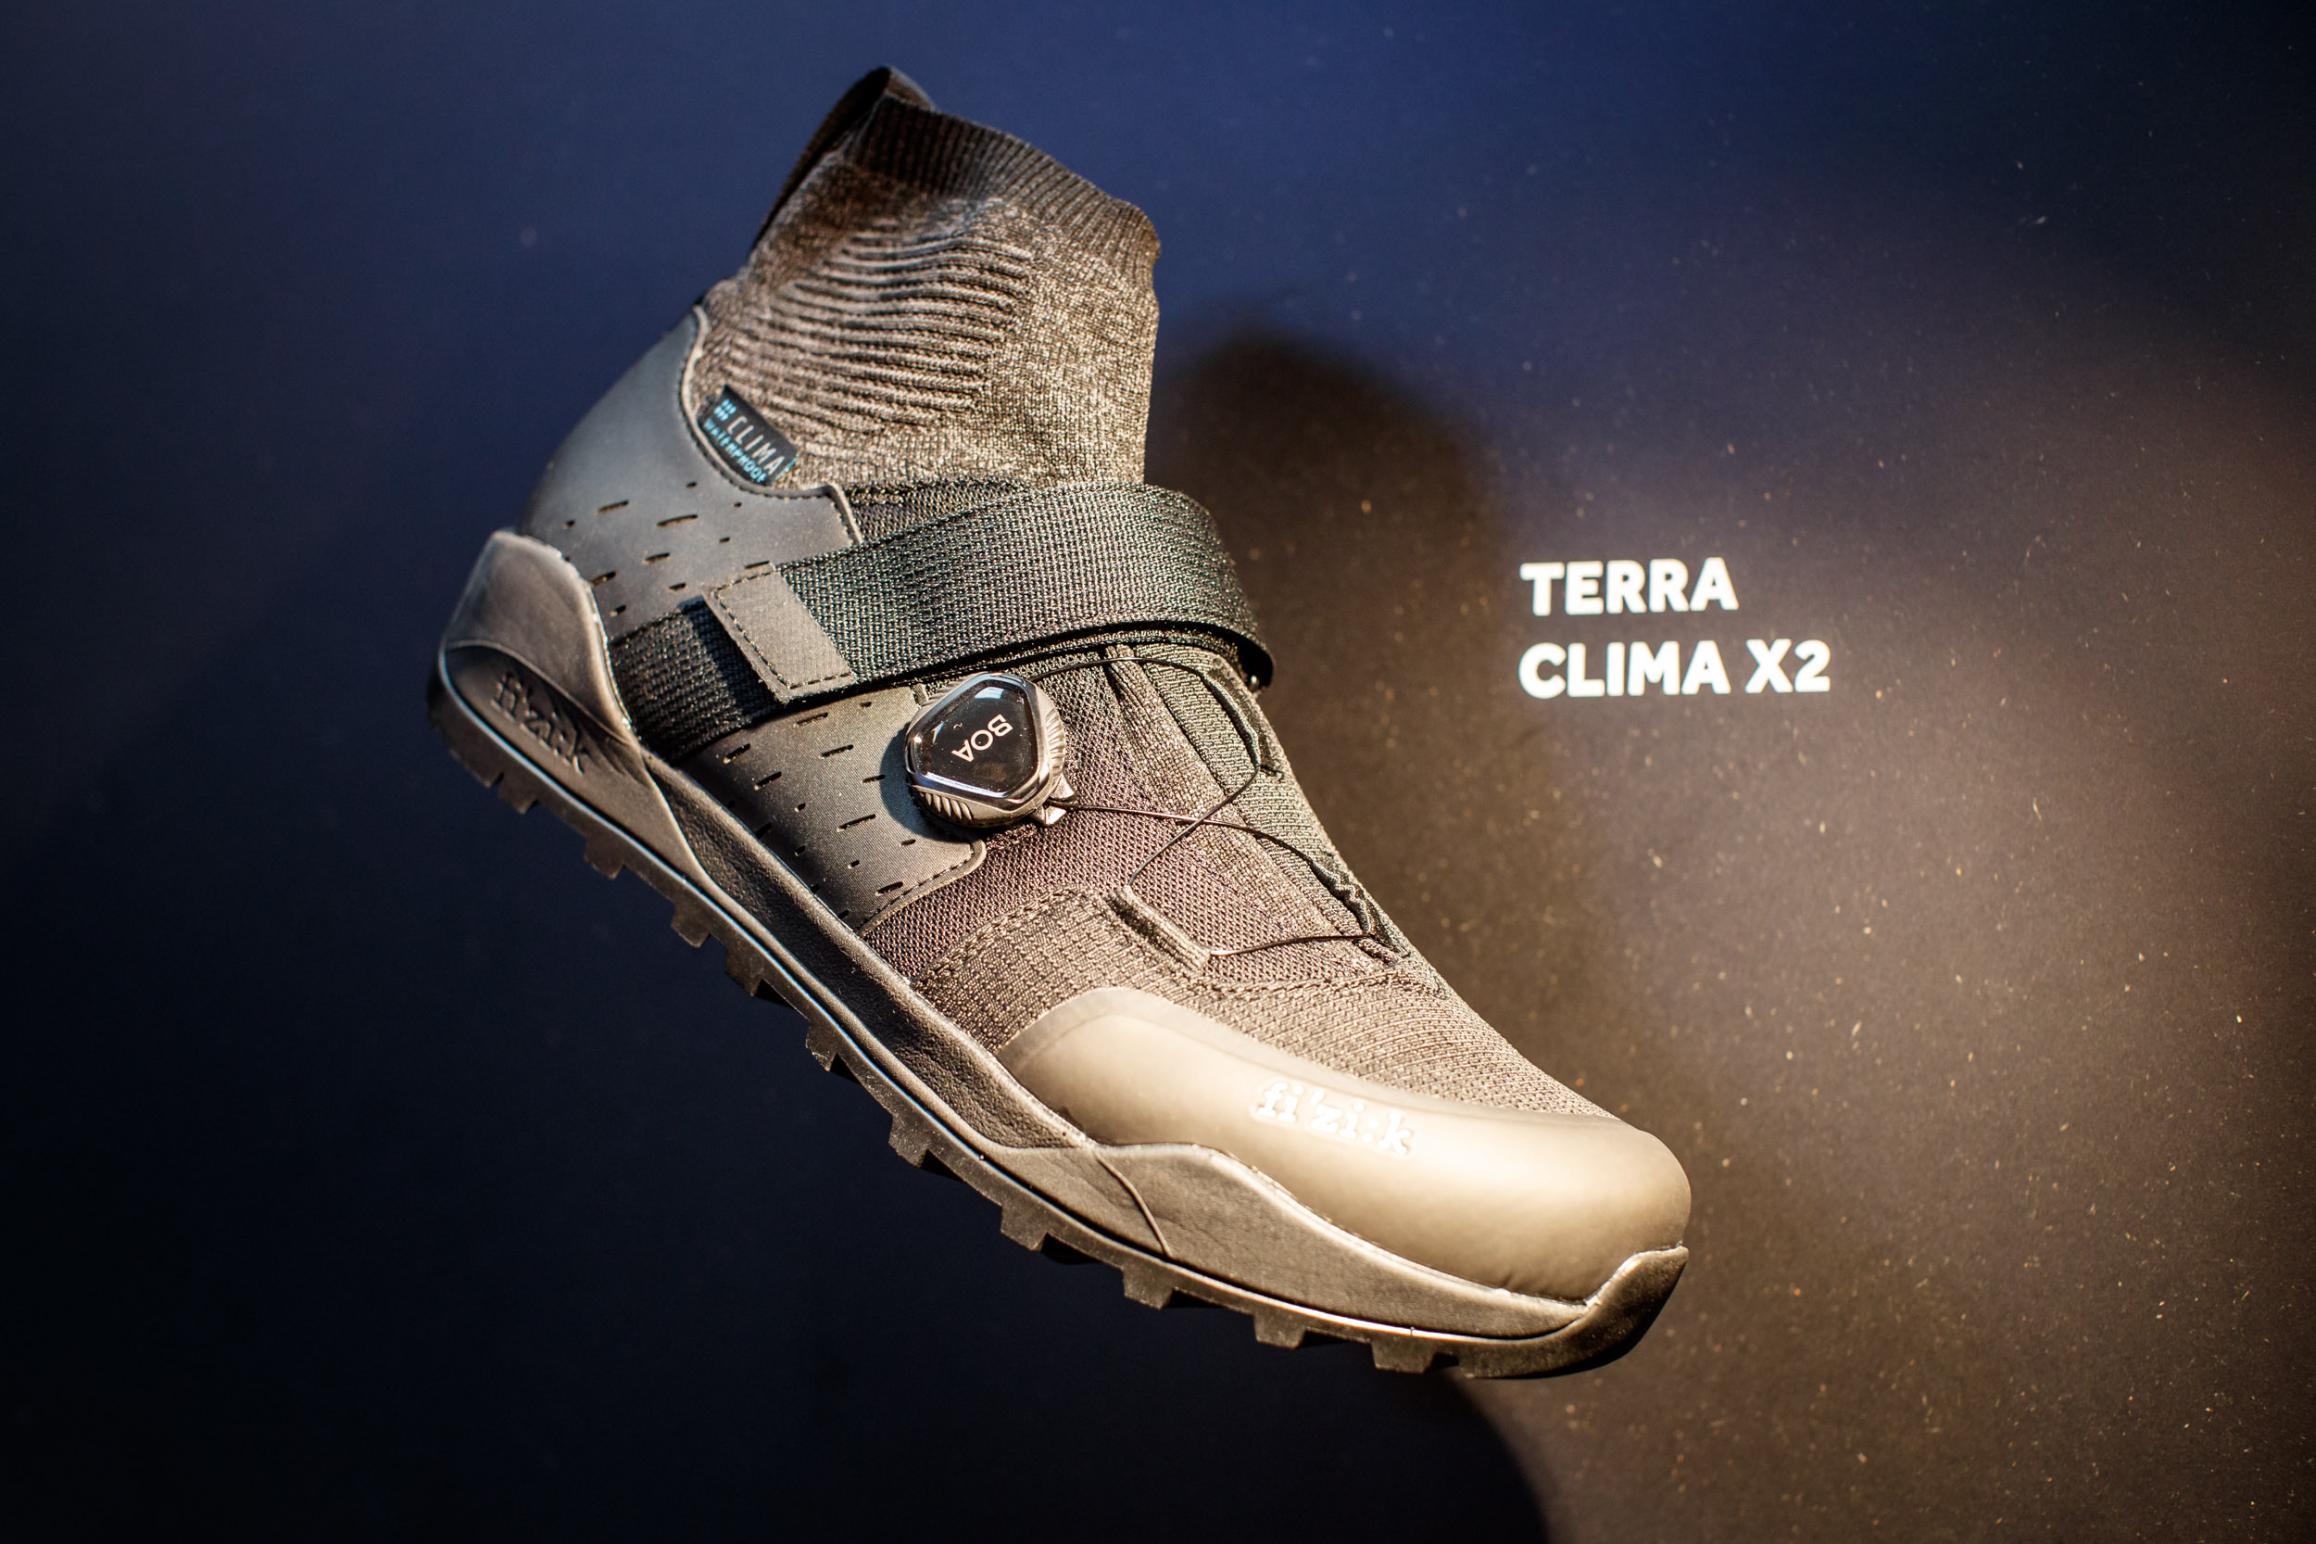 Terra Clima X2 Nylonsohle, 414 g (42,5), Größe 36-48, zwei Farben